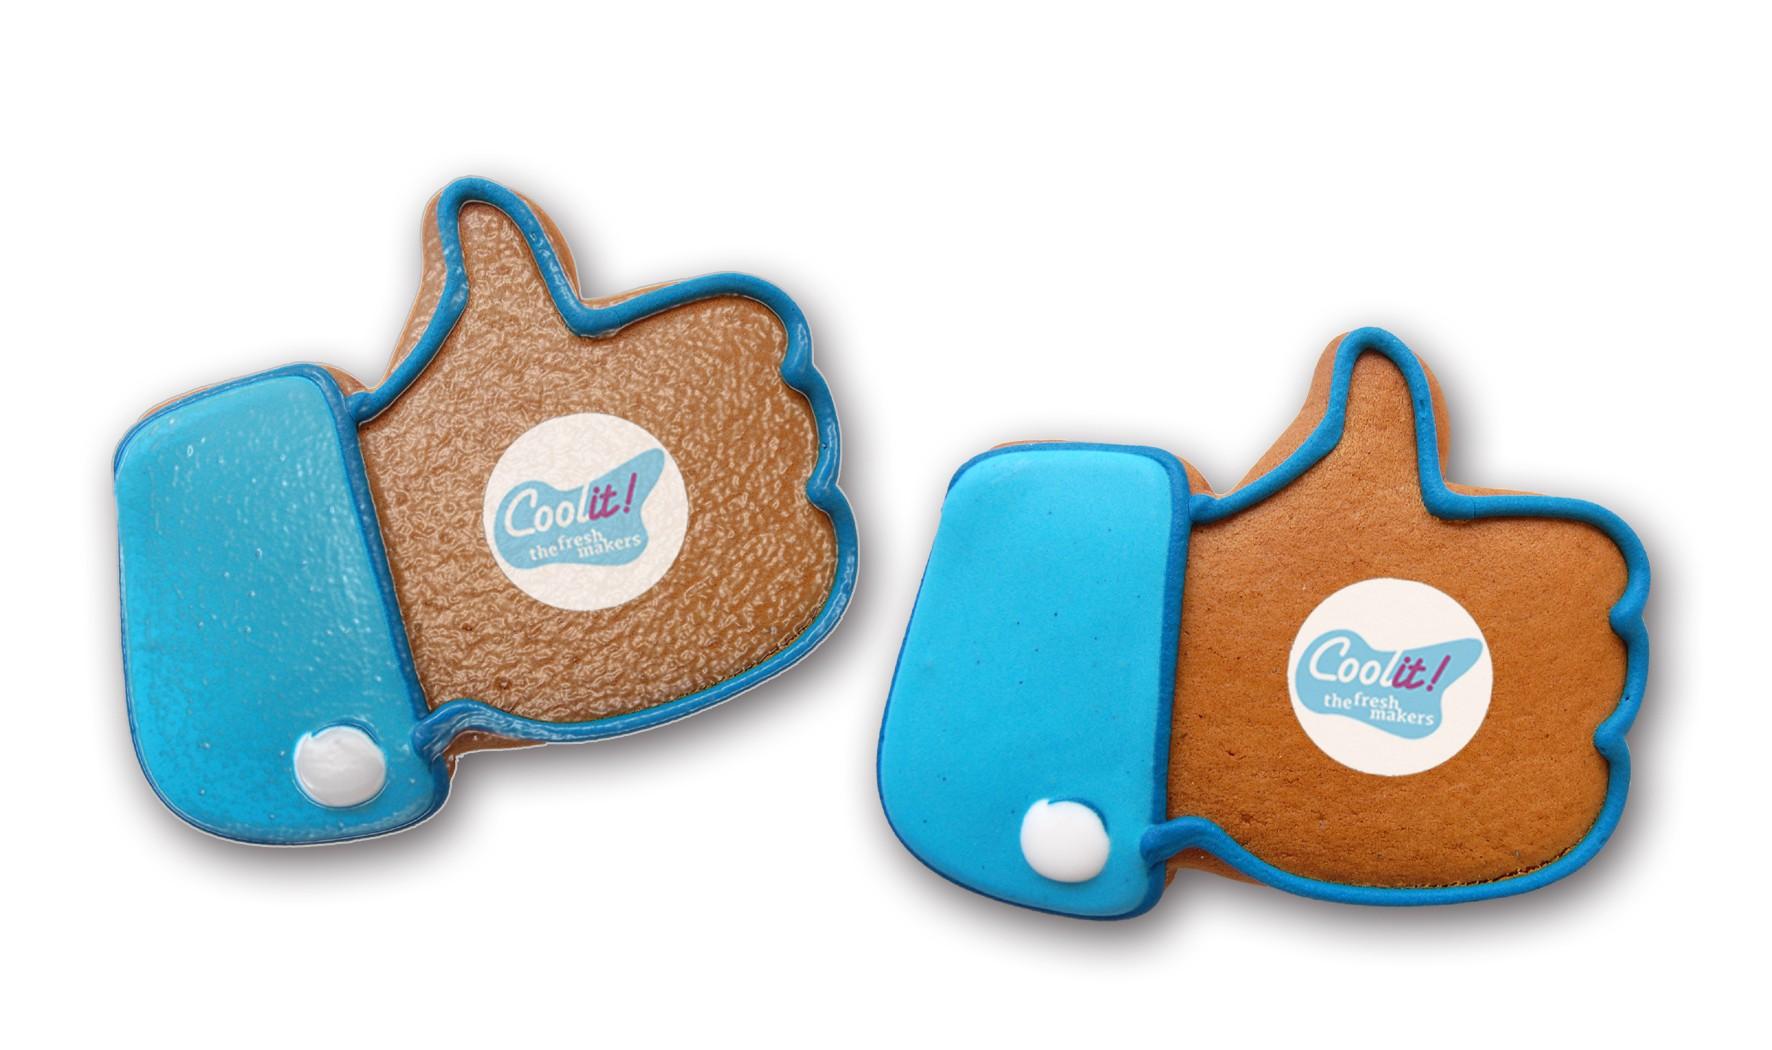 Daumen hoch - Lebkuchen mit Logo groß